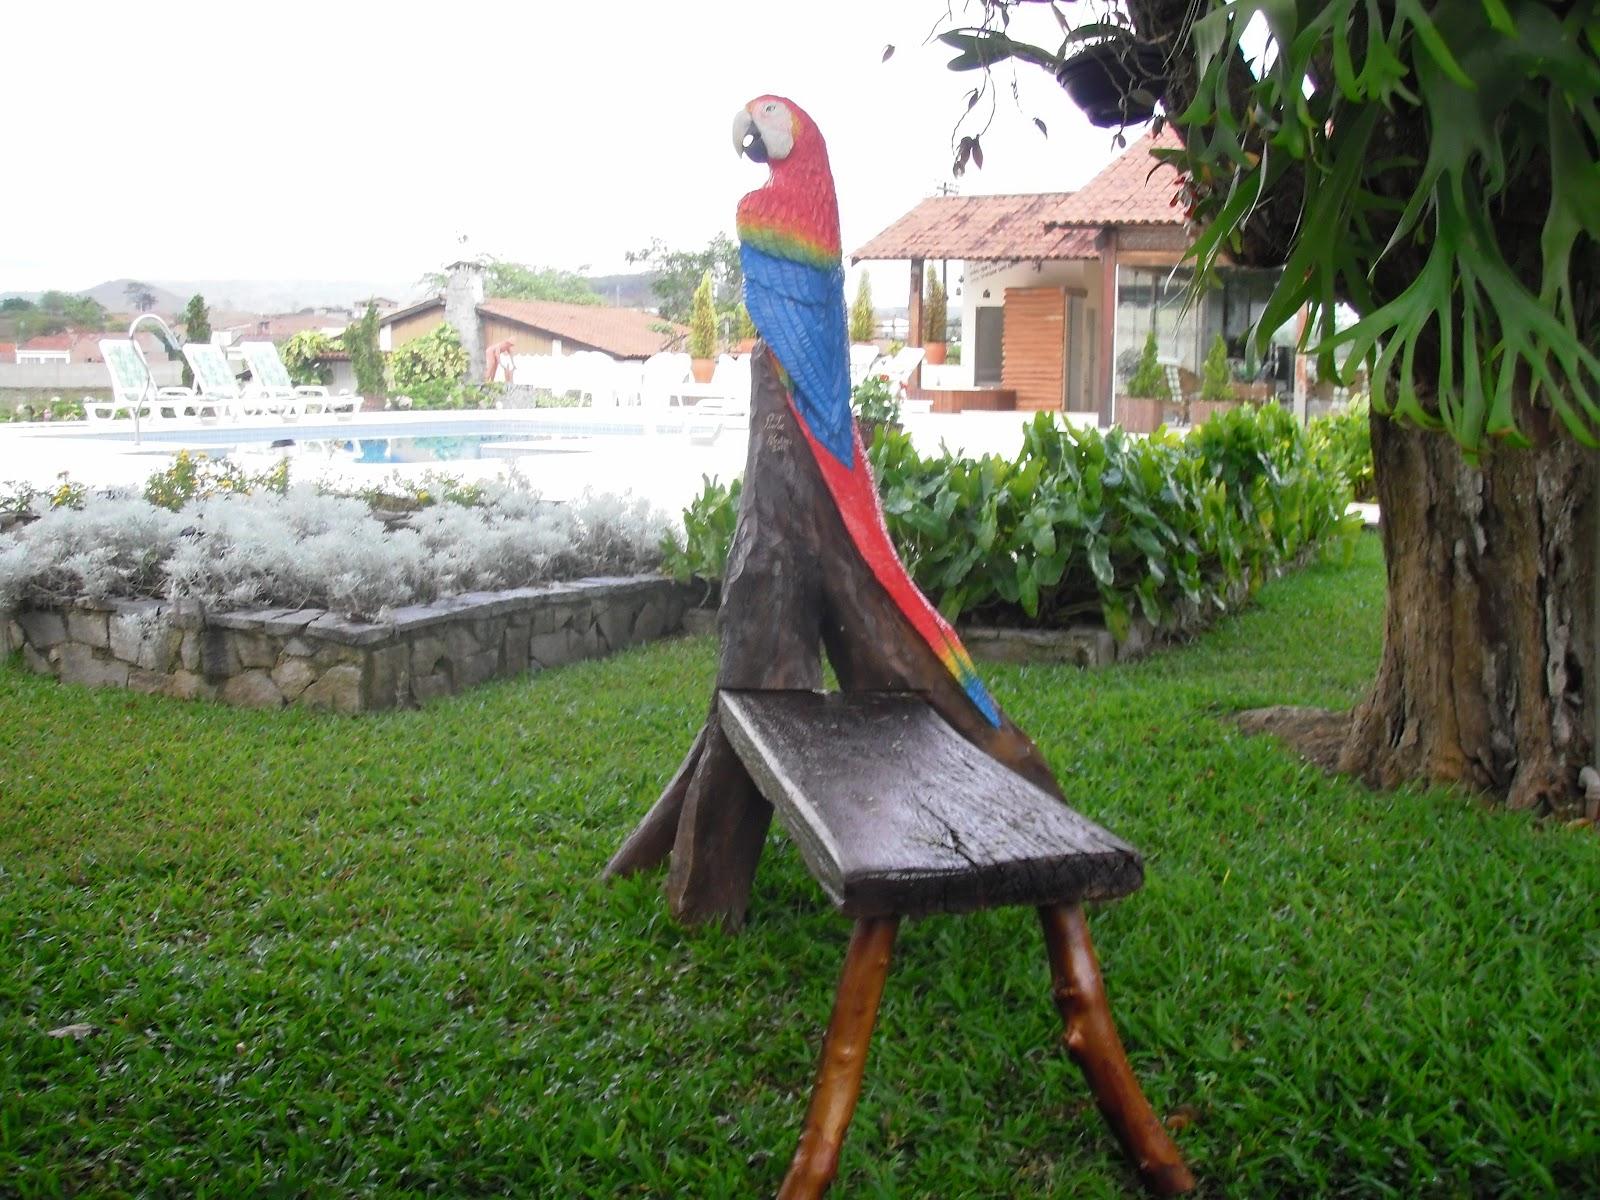 Artes em Madeira: Araras vermelhas de madeira #3F6620 1600x1200